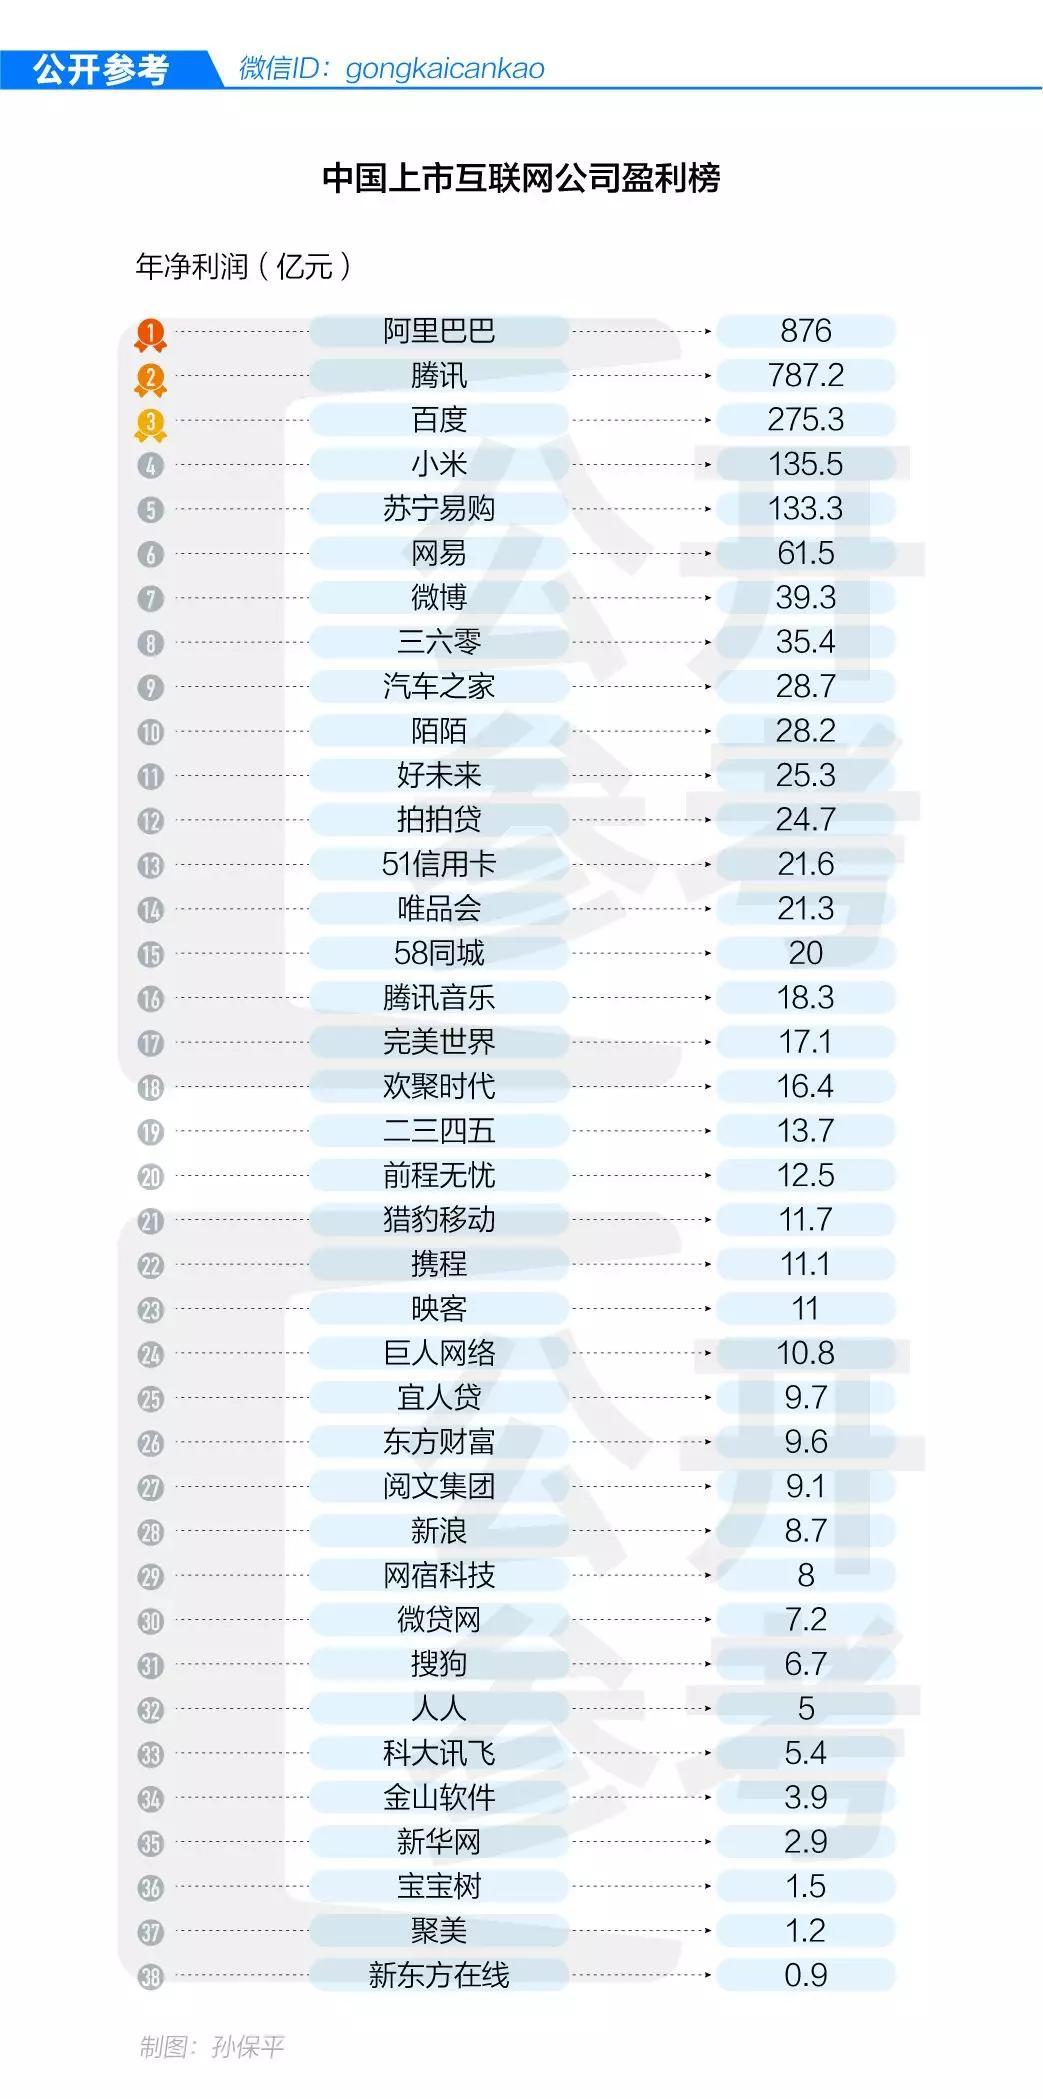 途牛seo_百度一年净赚275亿是小米两倍网易45倍